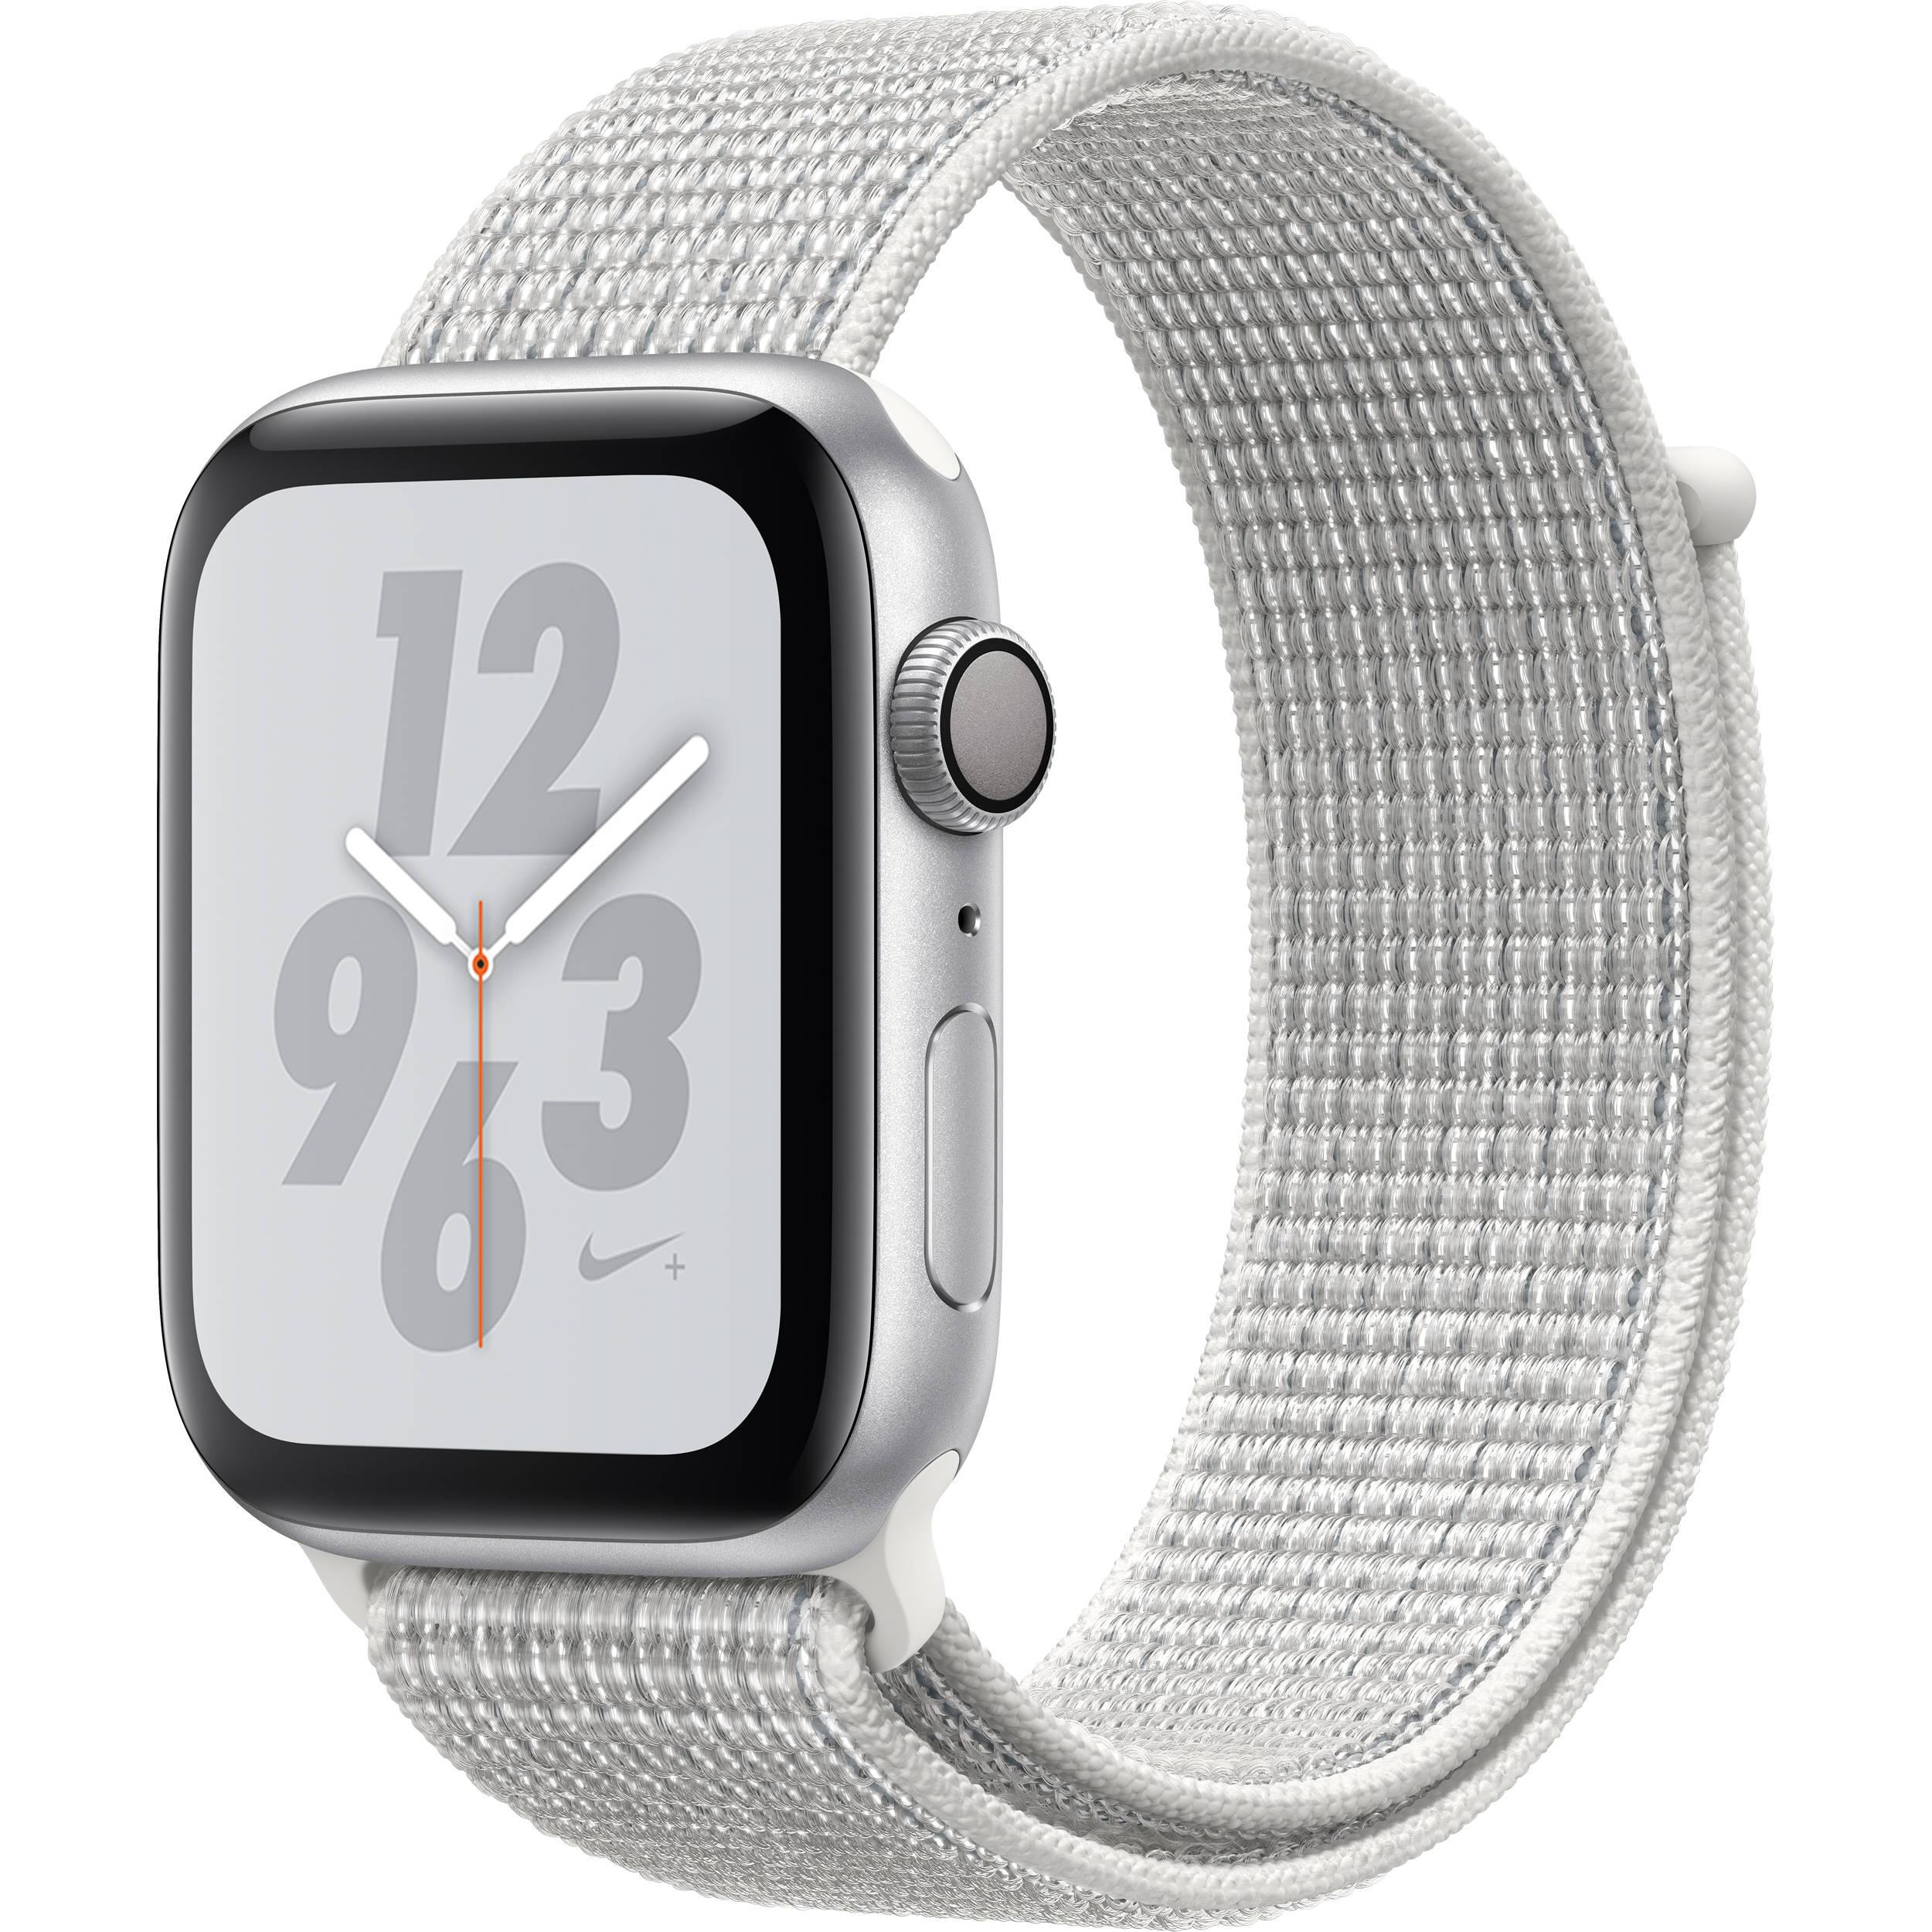 1dec4cd1a Apple Watch Nike+ Series 4 MU7H2LL A B H Photo Video